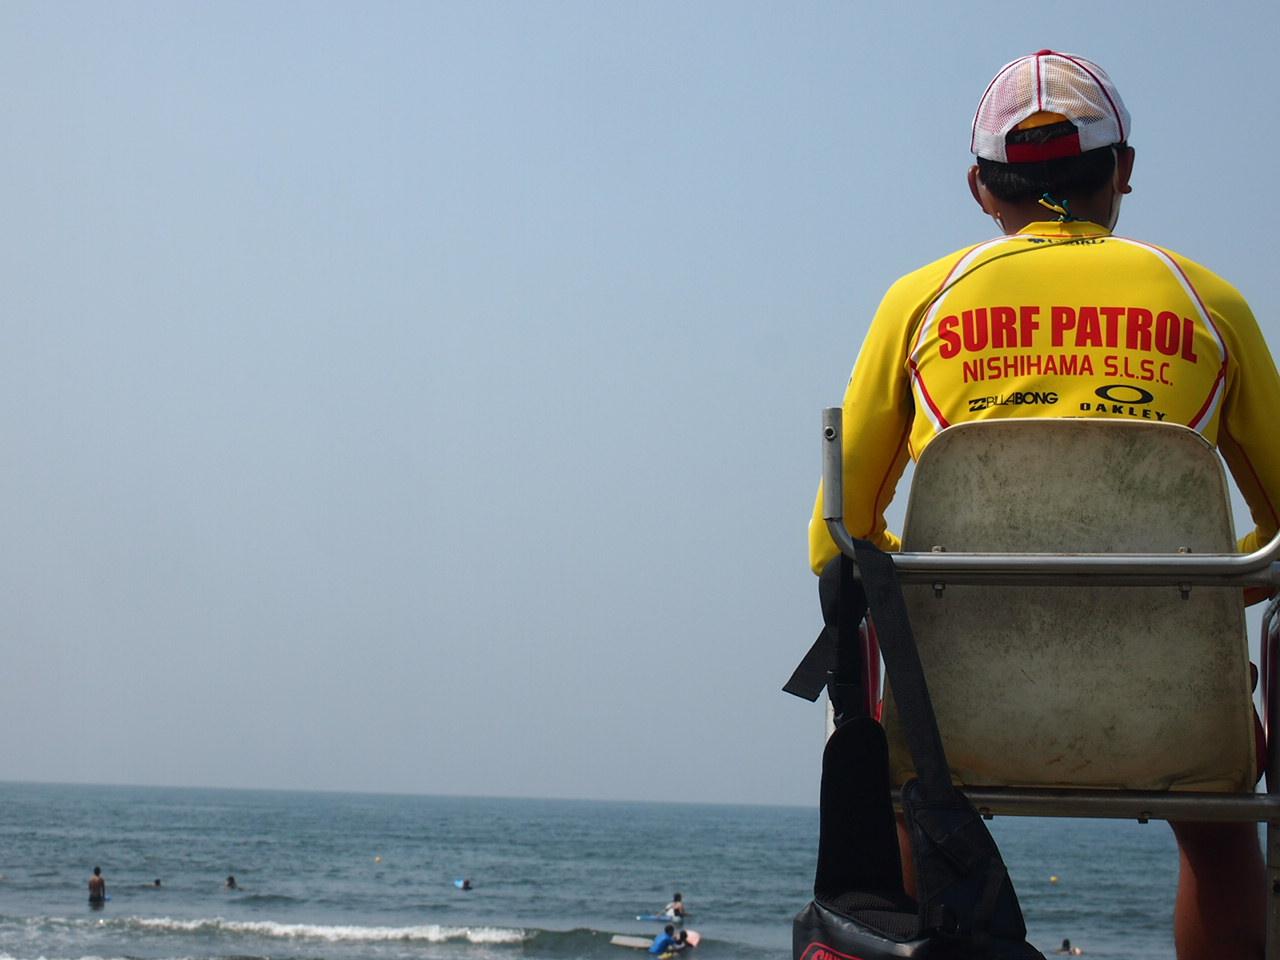 全ては無事故のために!海で活躍するライフセーバーの1日に密着しました!《後編》